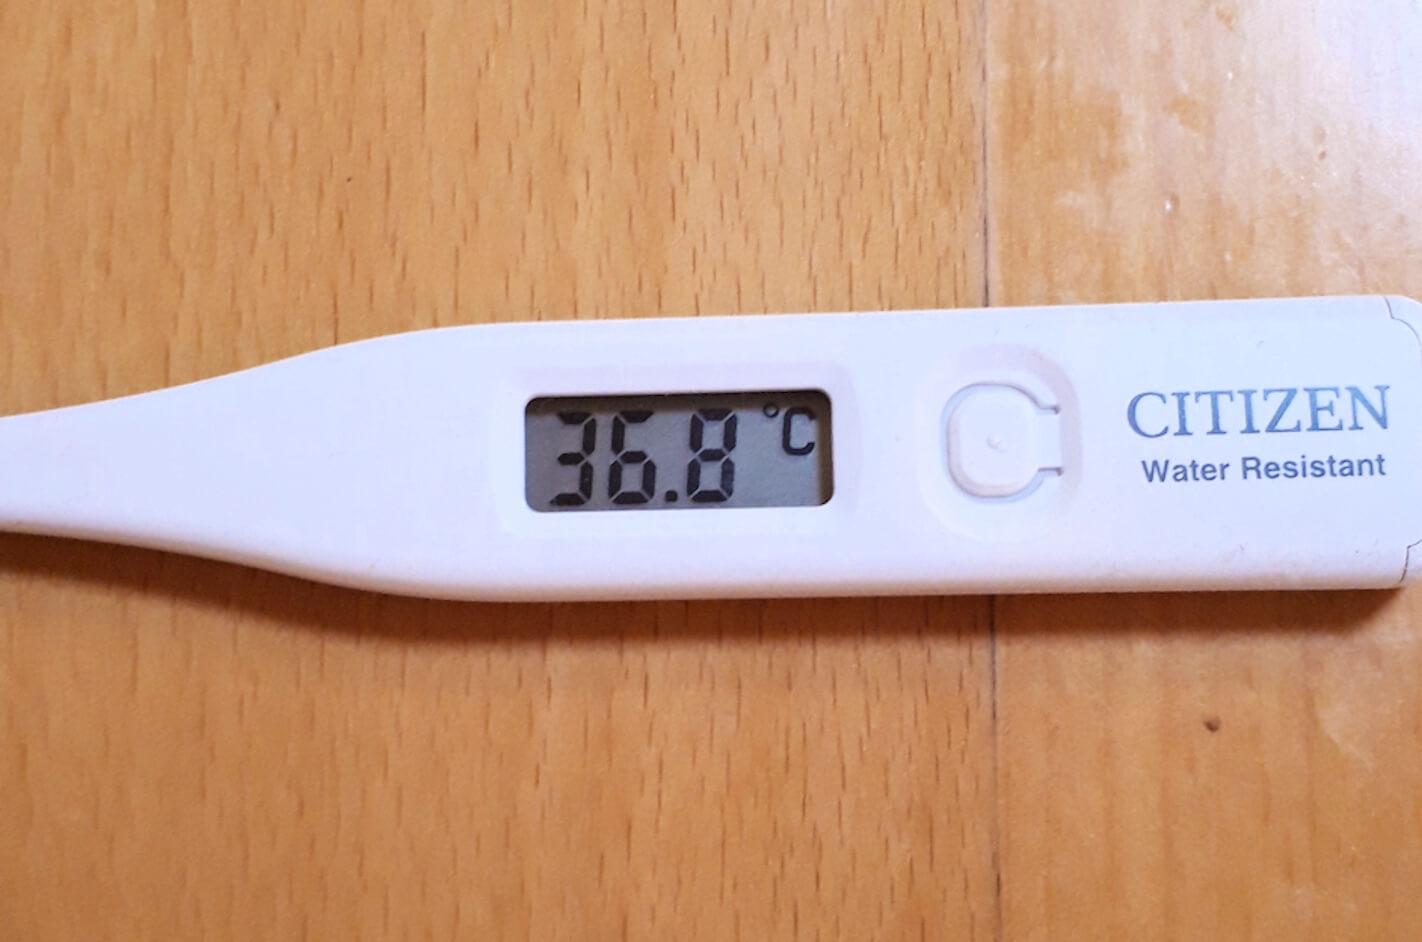 36.8℃の体温計